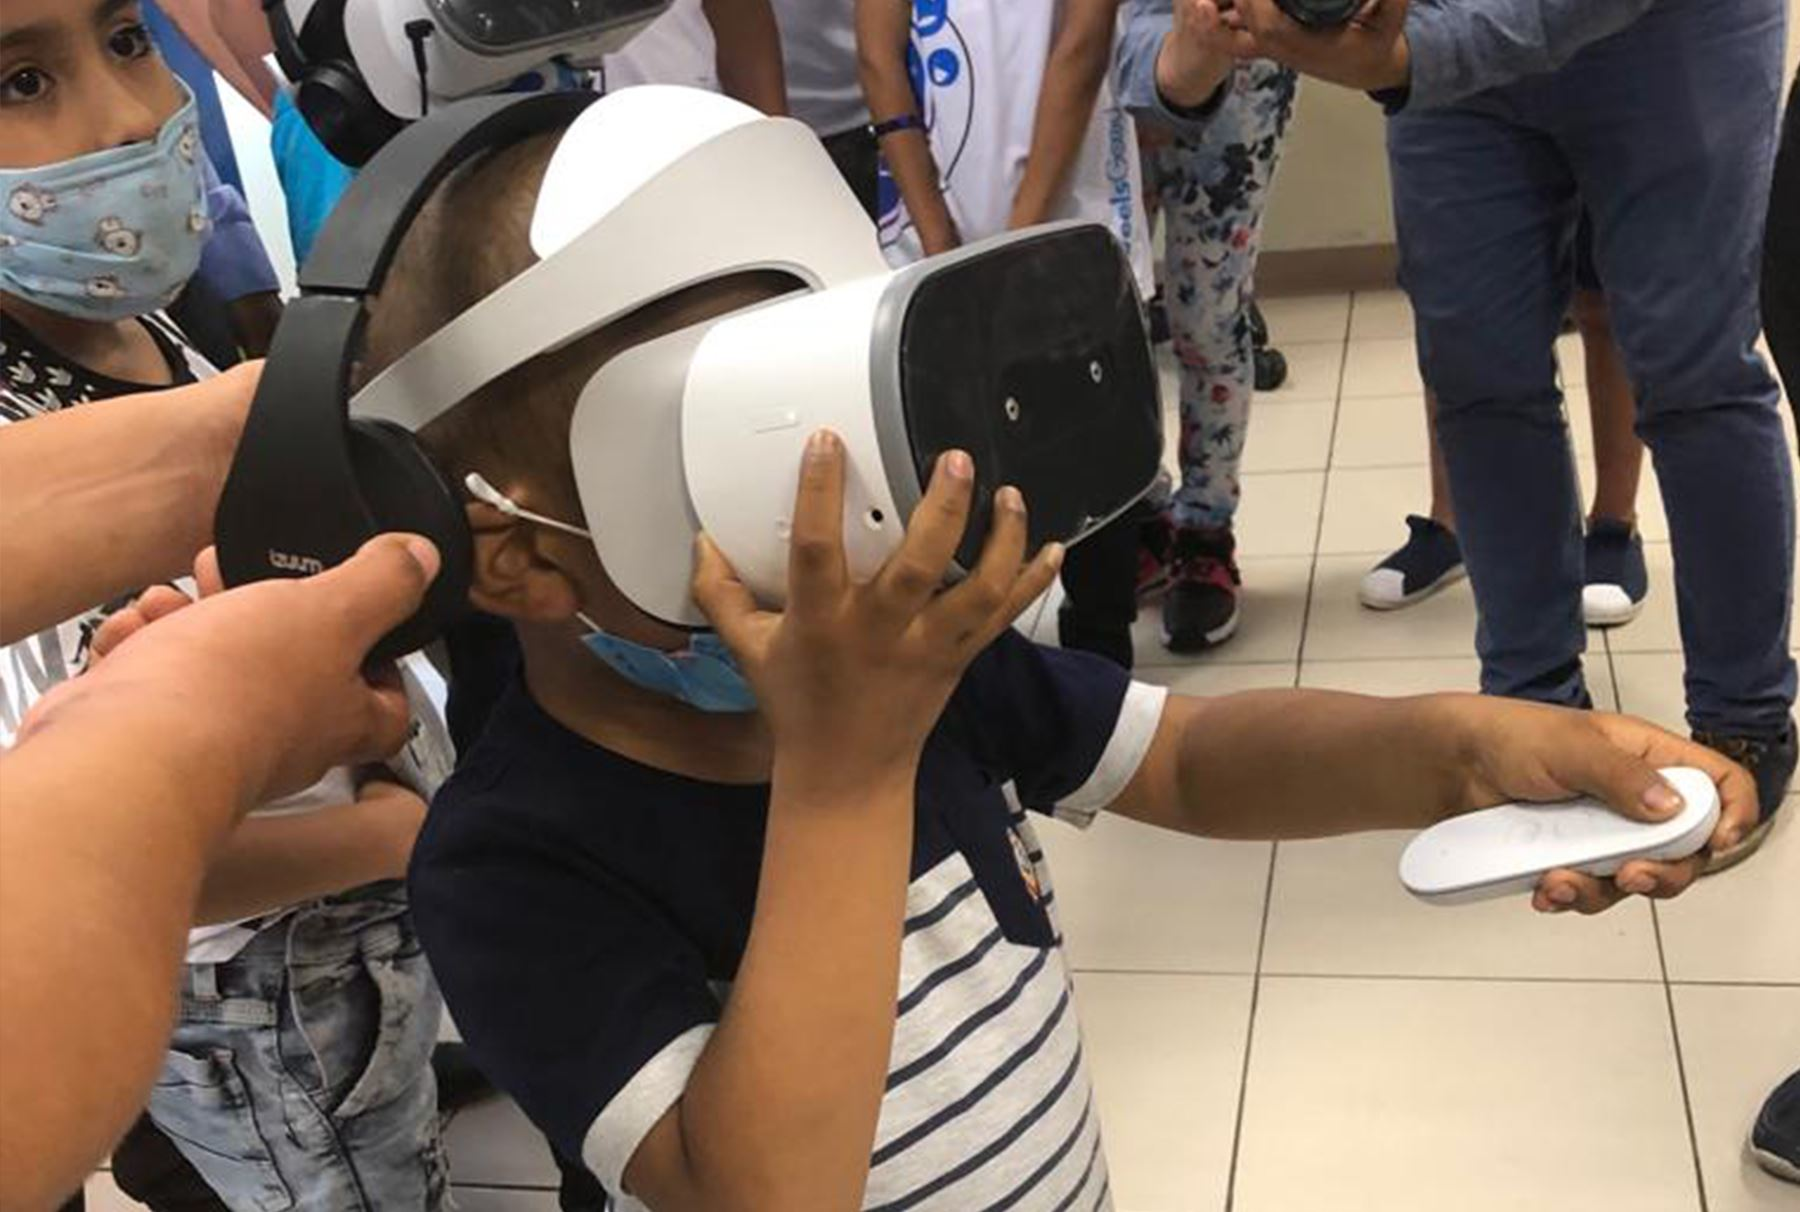 Los juegos en realidad virtual ayudan a reducir los dolorosos tratamientos del cáncer